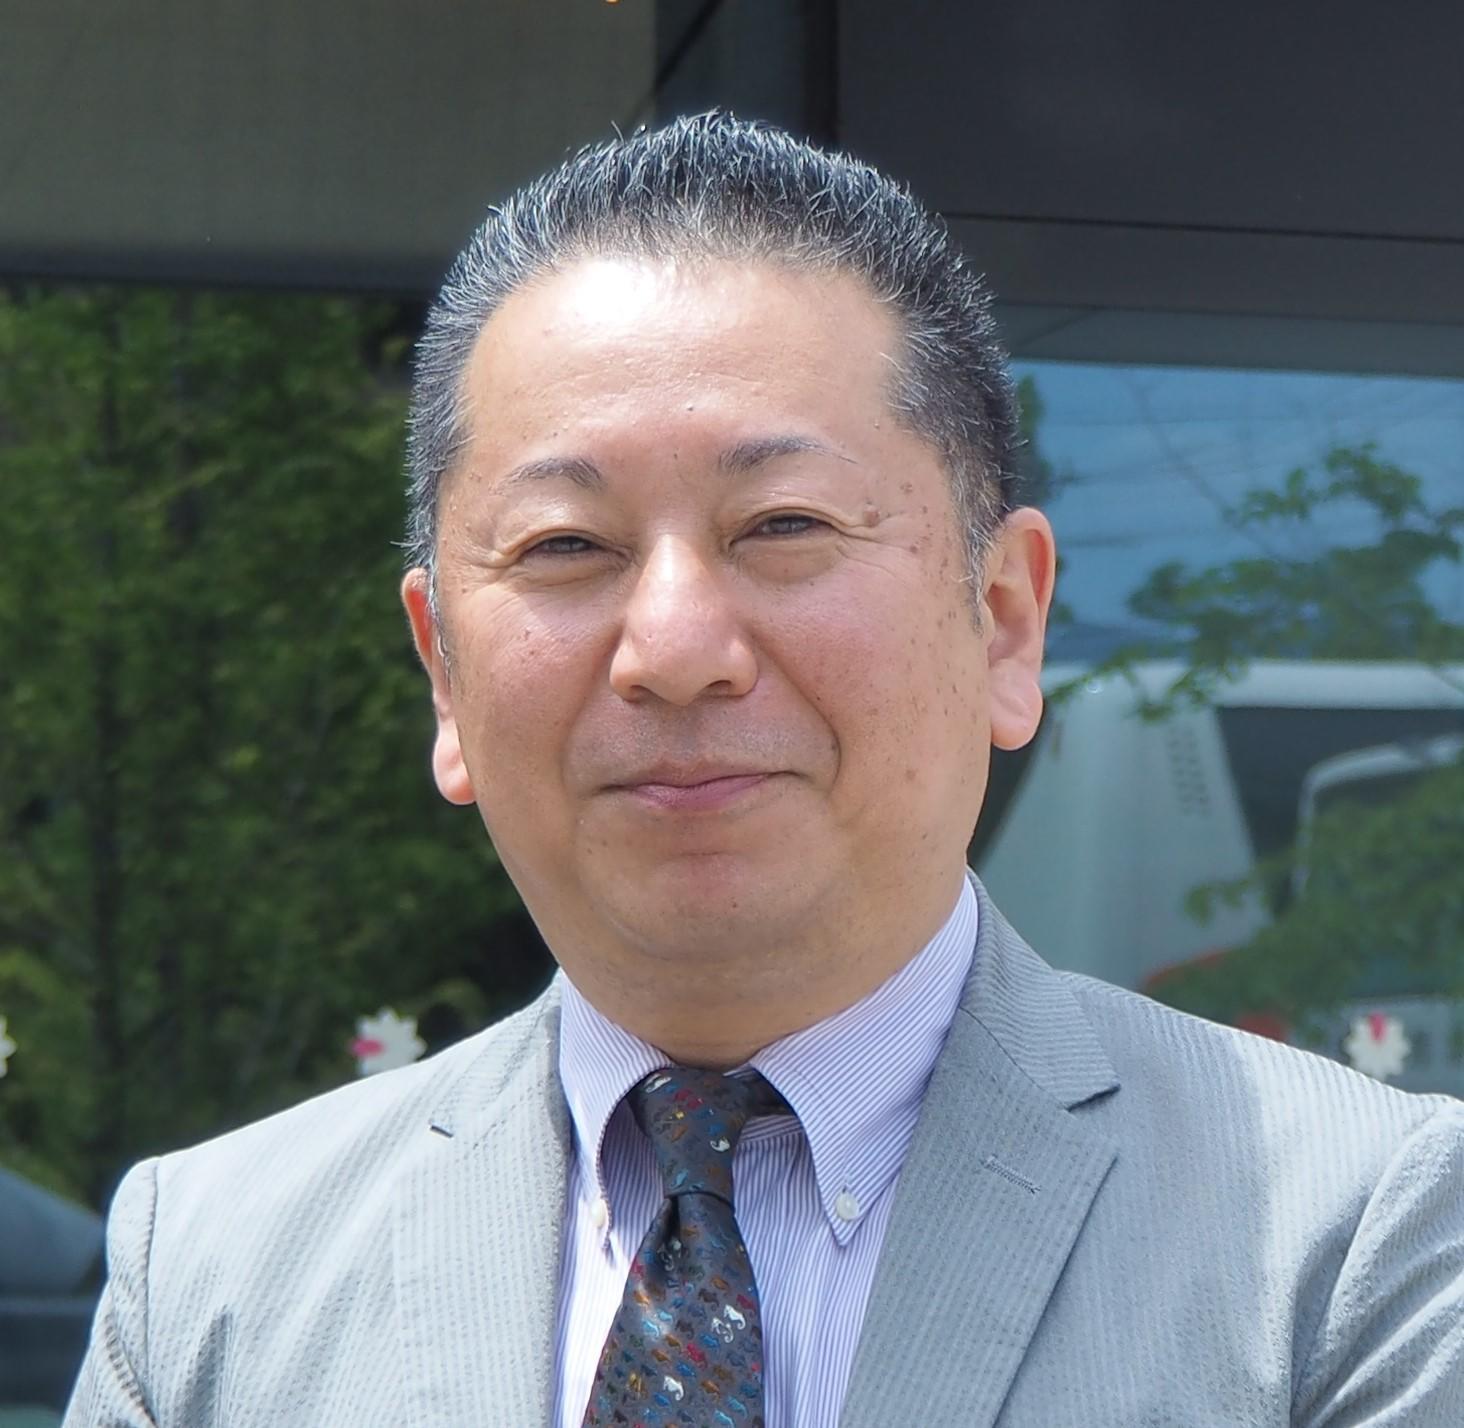 佛教大学第13代学長に仏教学部の伊藤真宏教授を選出